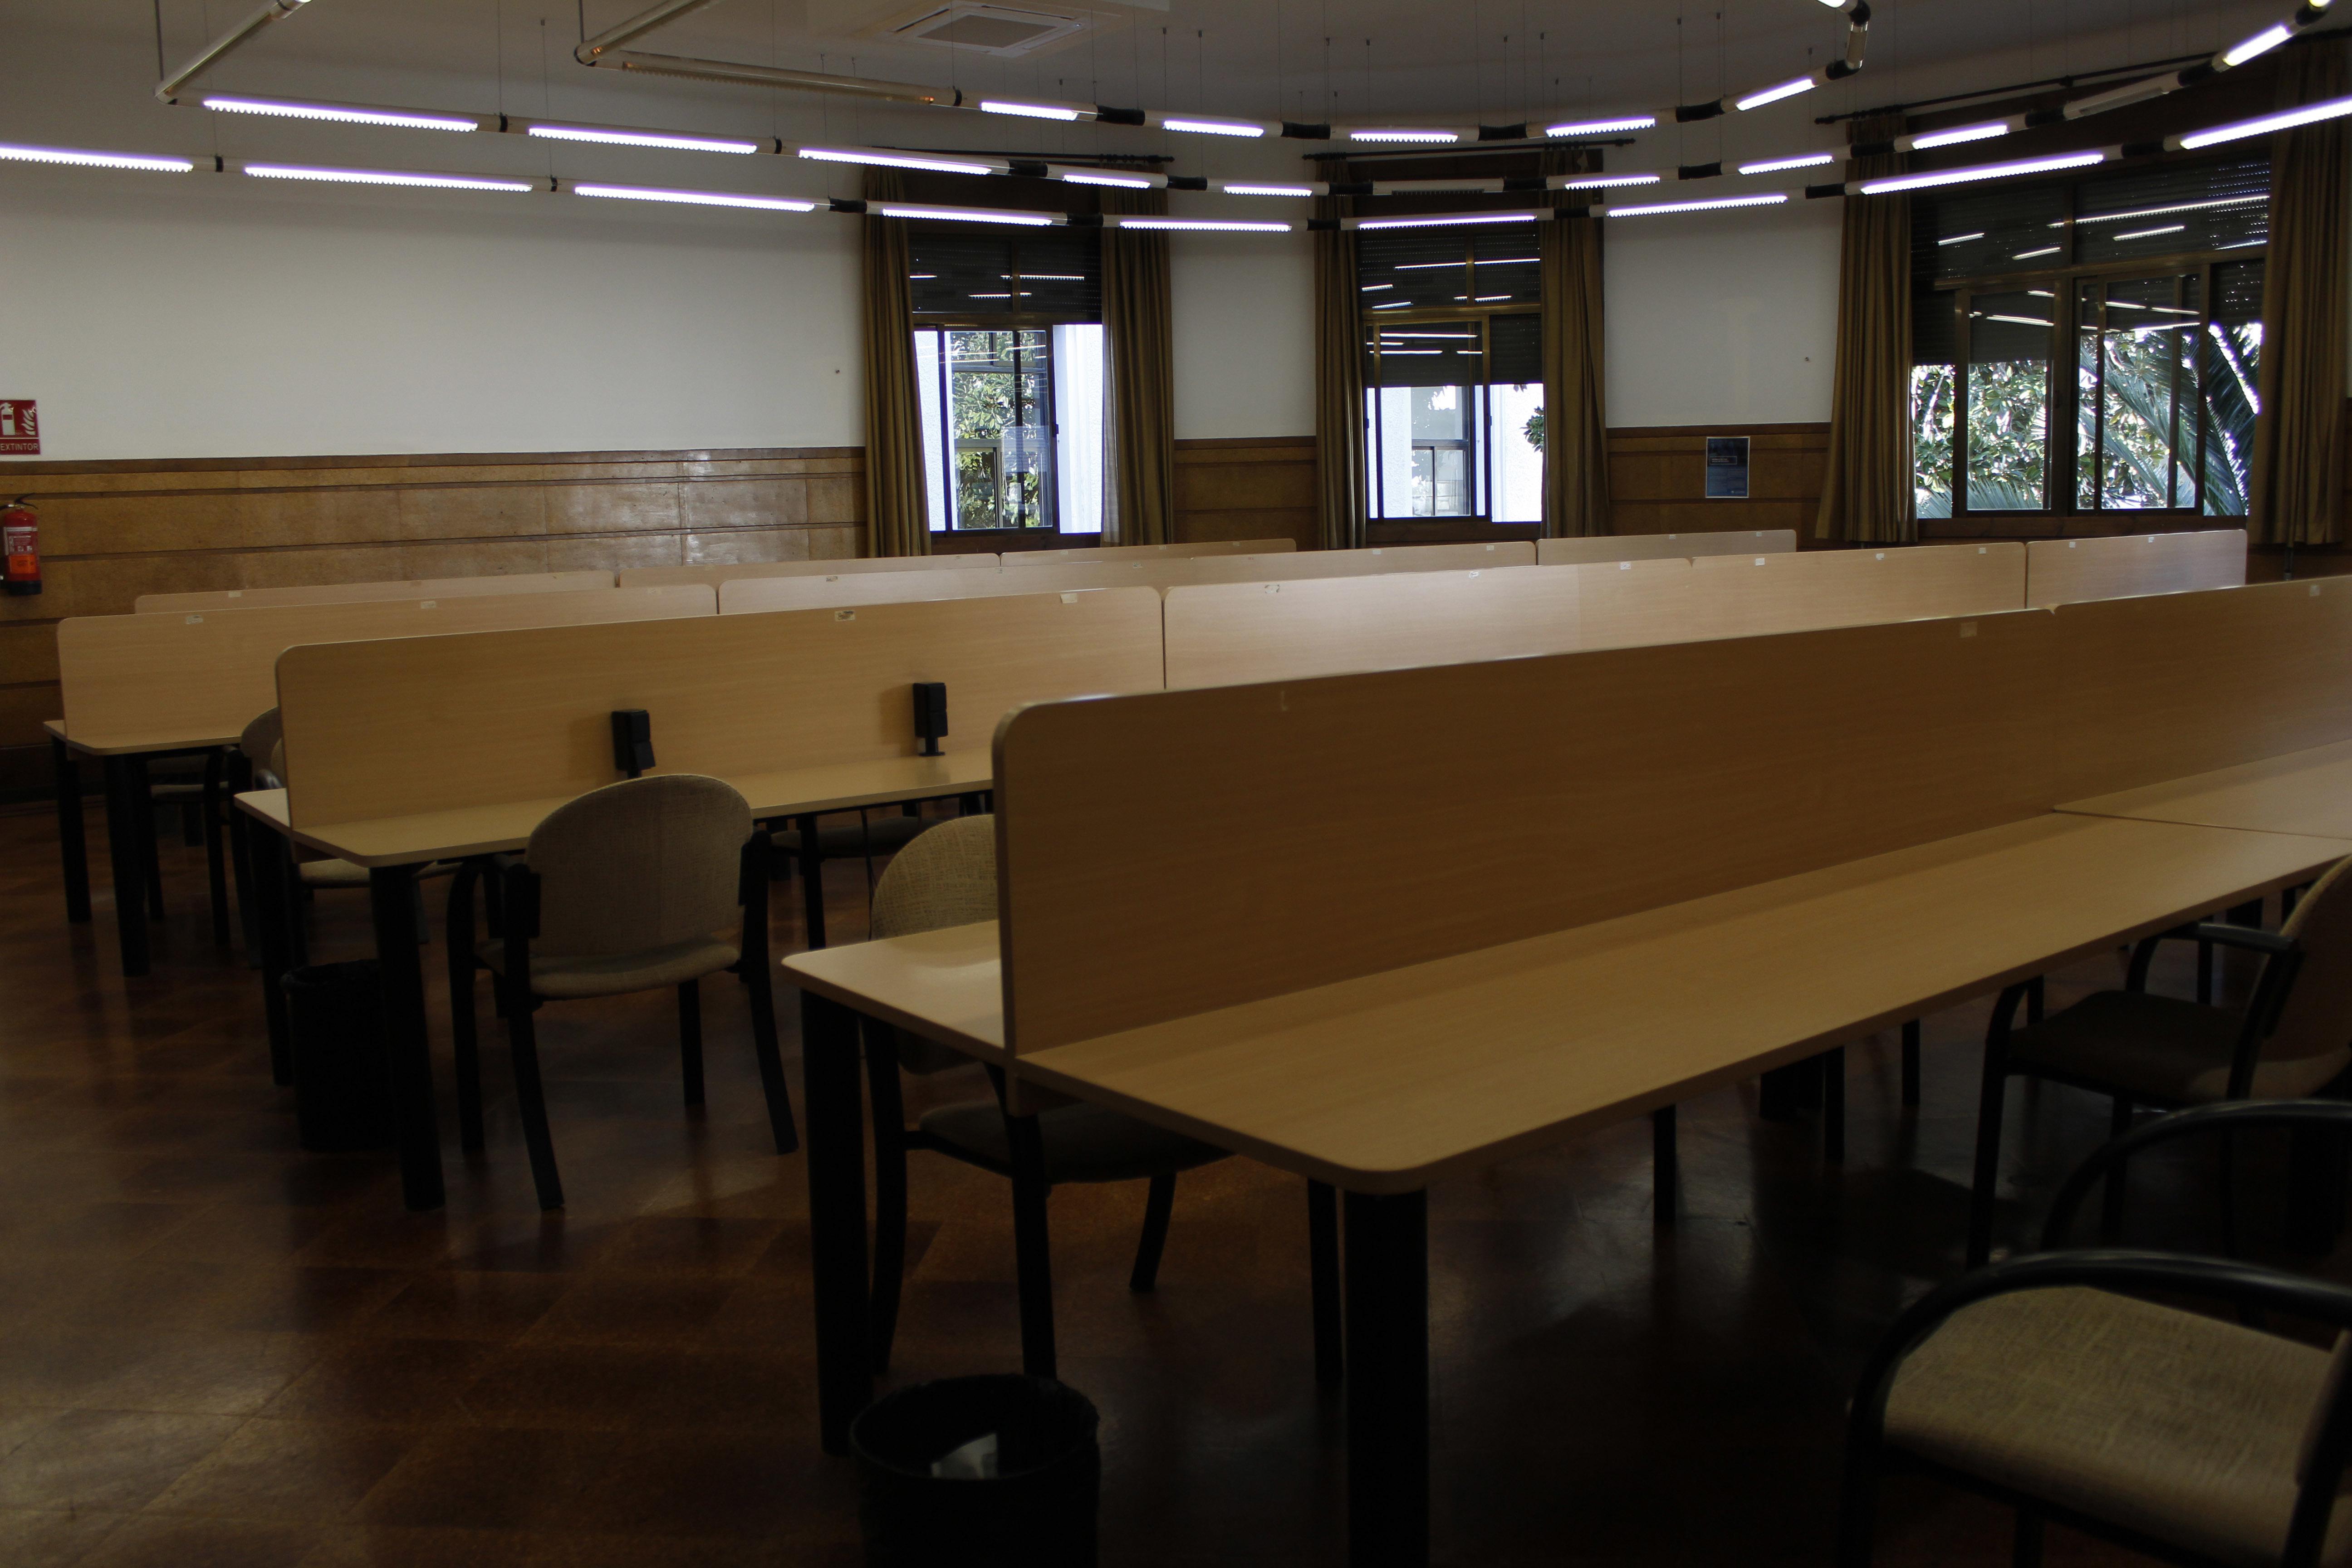 Un congreso internacional organizado en la Facultad de Derecho debatirá sobre la incorporación de la perspectiva de género en el tratamiento de los delitos sexuales